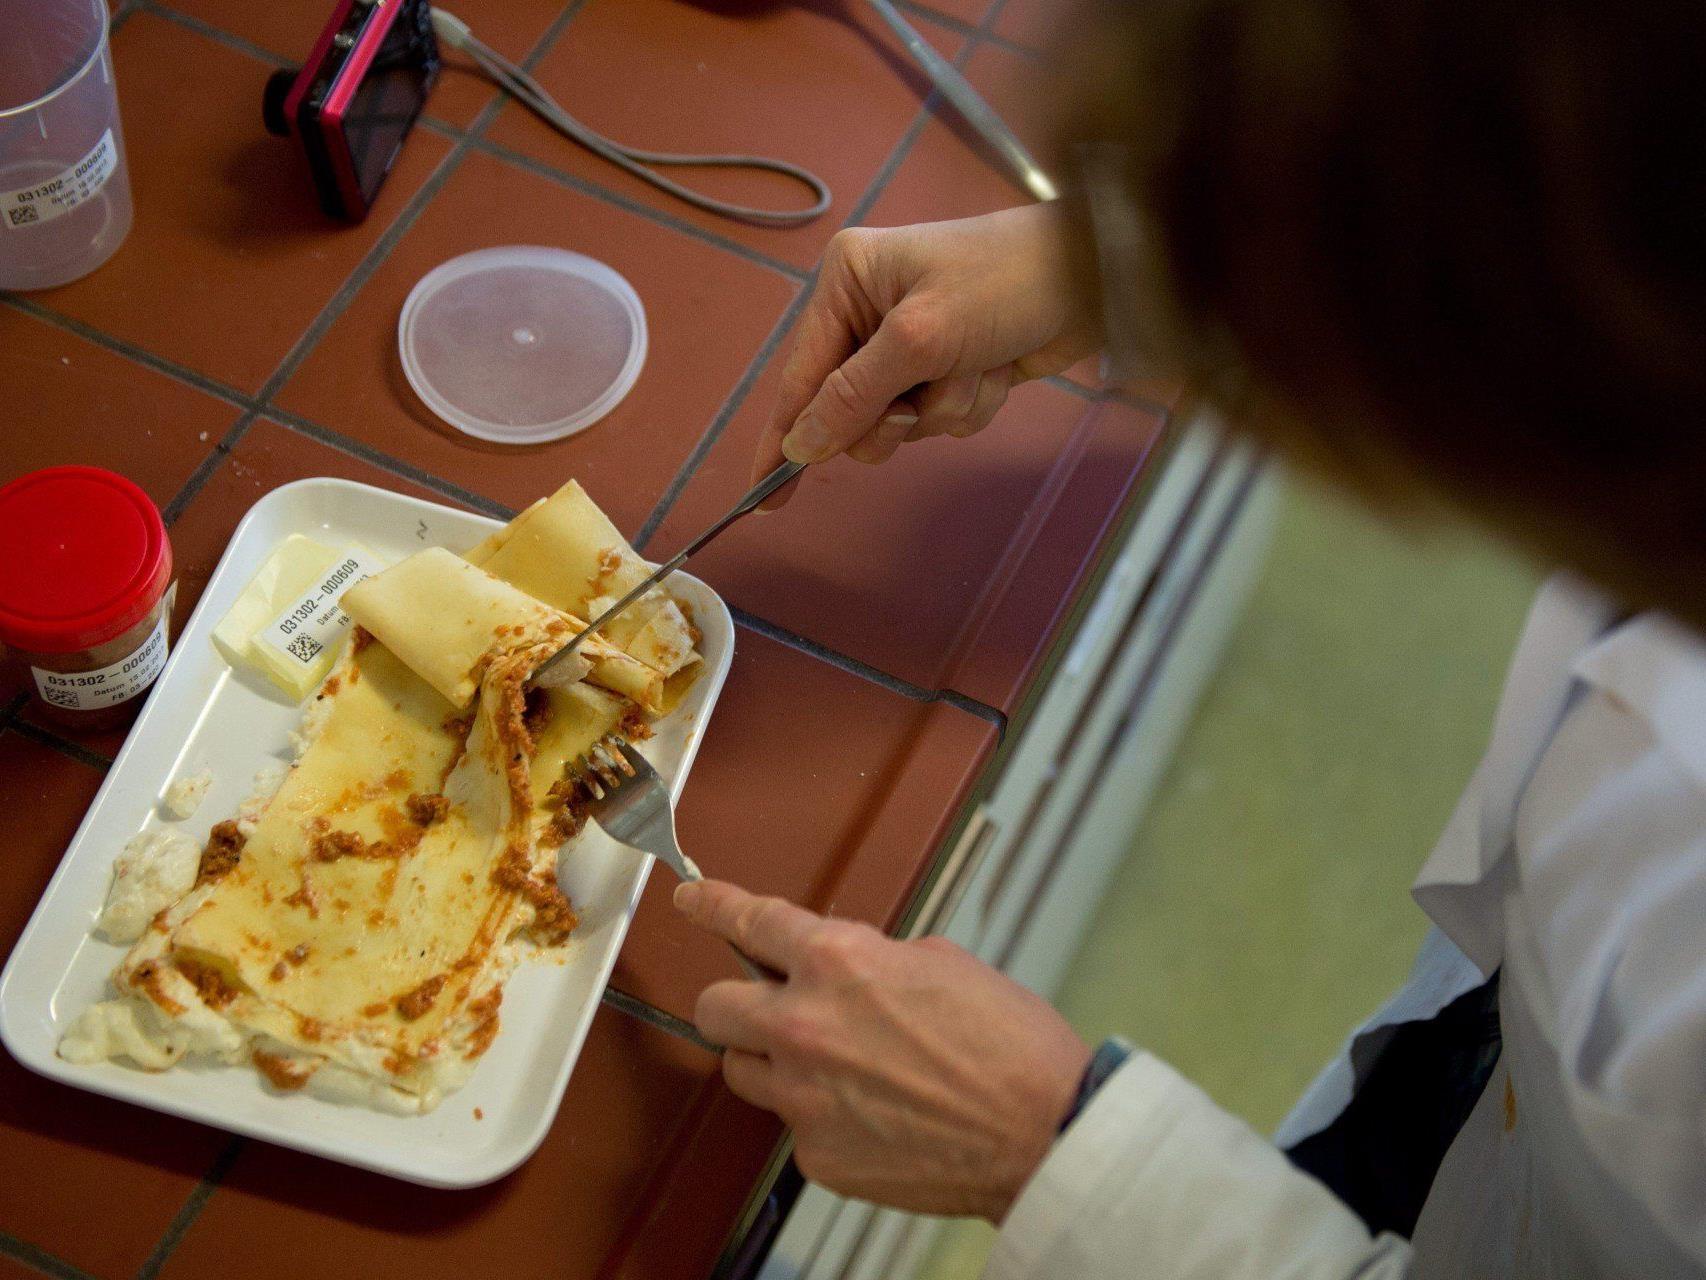 Die Mehrheit wünscht sich eine Kennzeichnungspflicht bei Lebensmitteln.